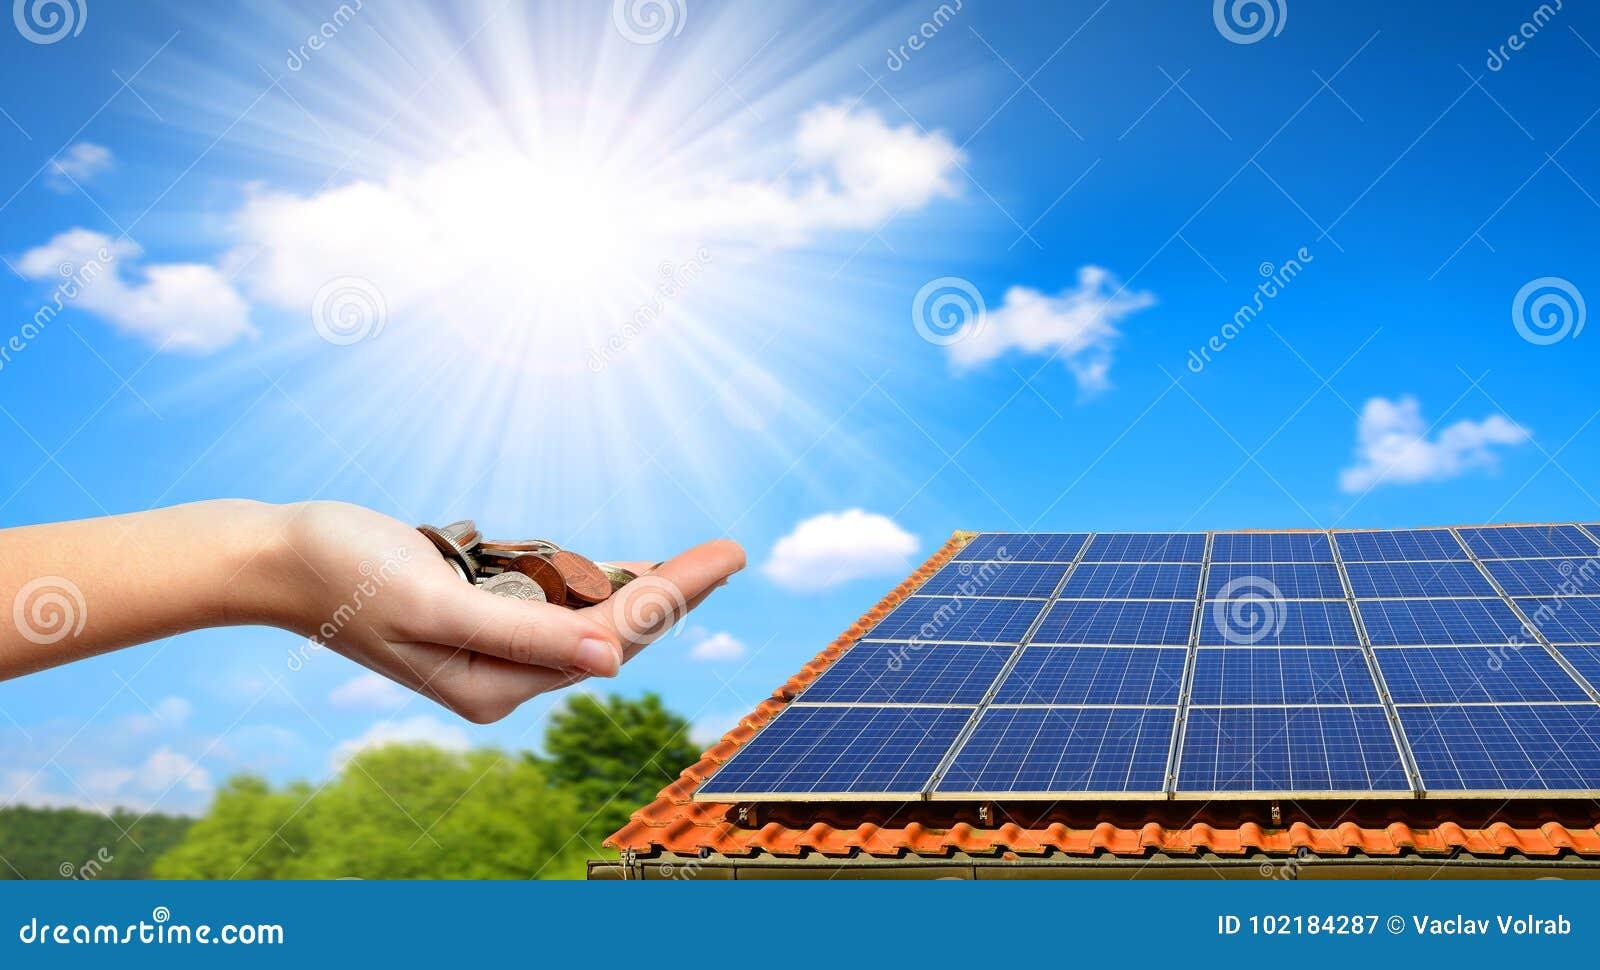 Solpanel på taket av huset och mynten i hand